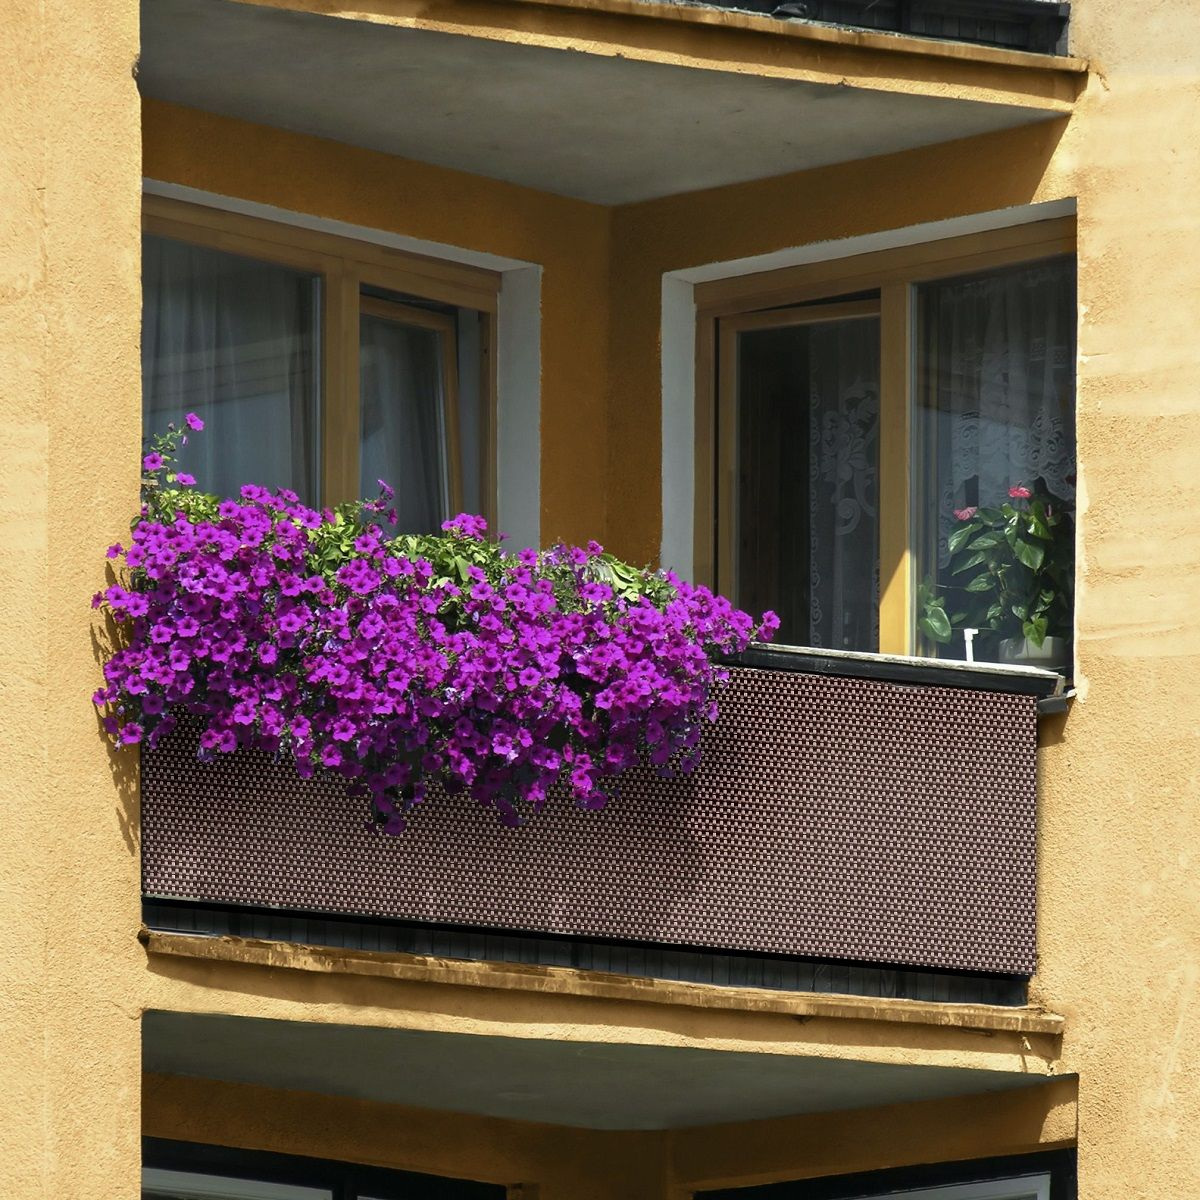 Balkonblende 0 9m Br Meterware Sichtschutz Aus Pe Rattan